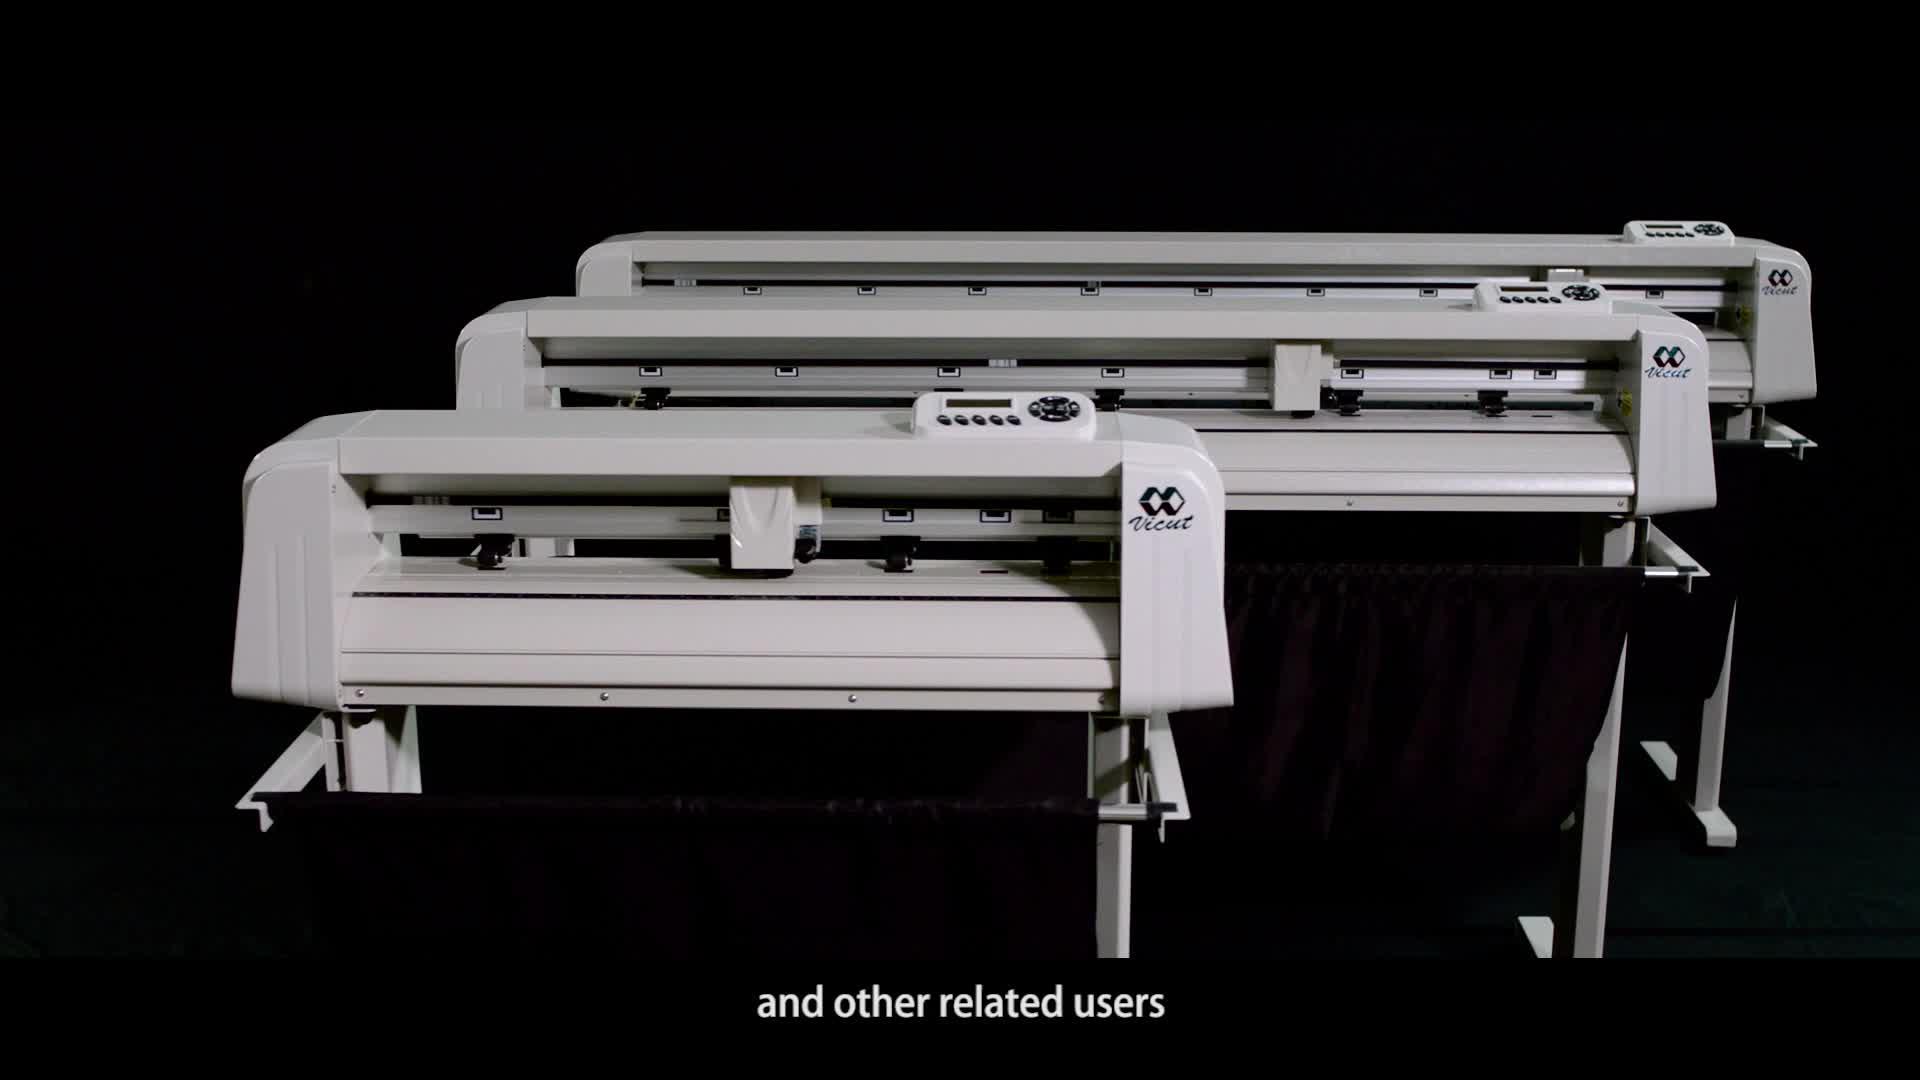 เครื่องพิมพ์สติกเกอร์และตัดไวนิลเครื่องพิมพ์ล็อตเตอร์ตัด